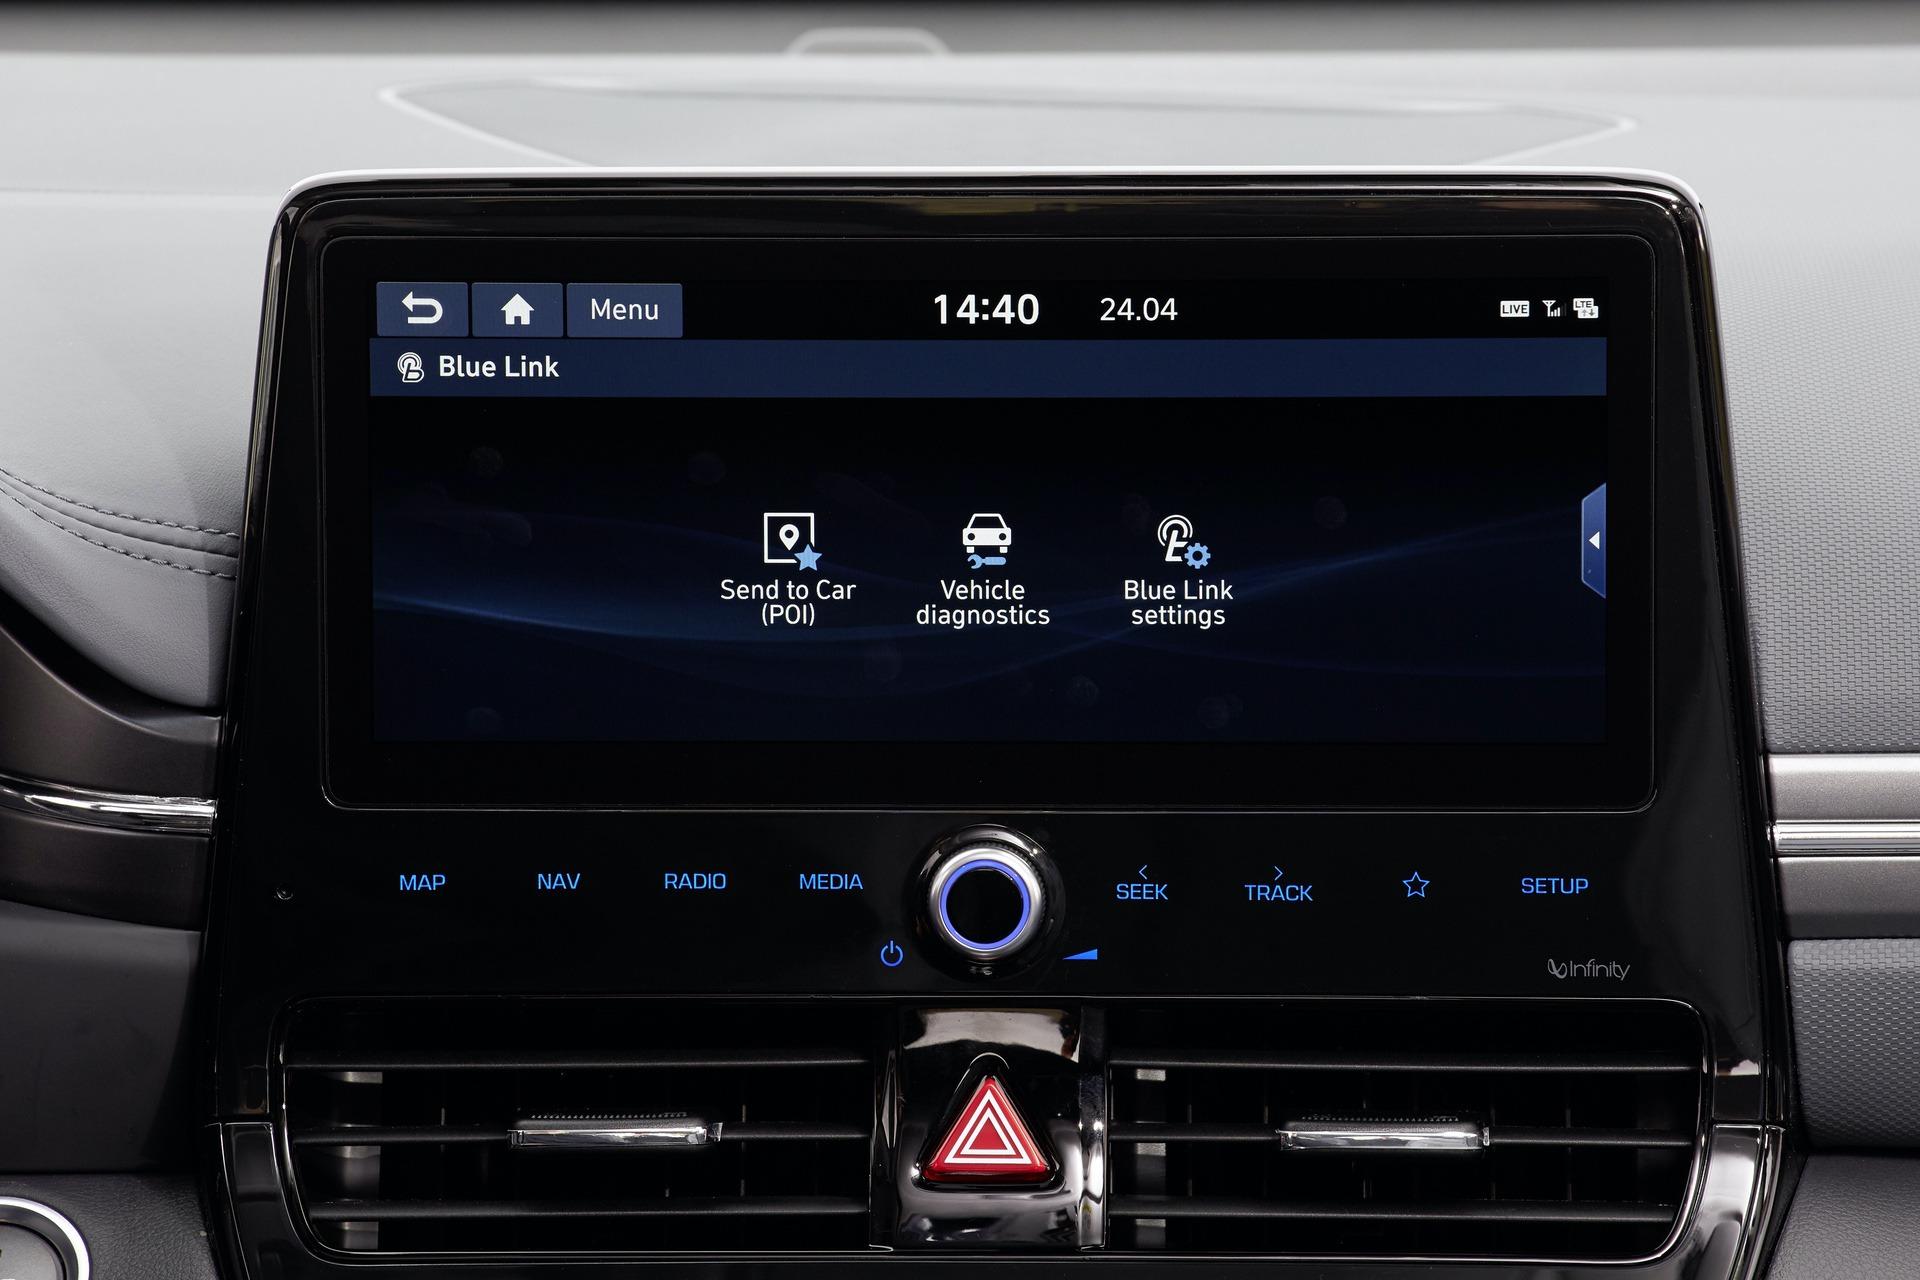 New-Hyundai-IONIQ-Electric-Interior-6